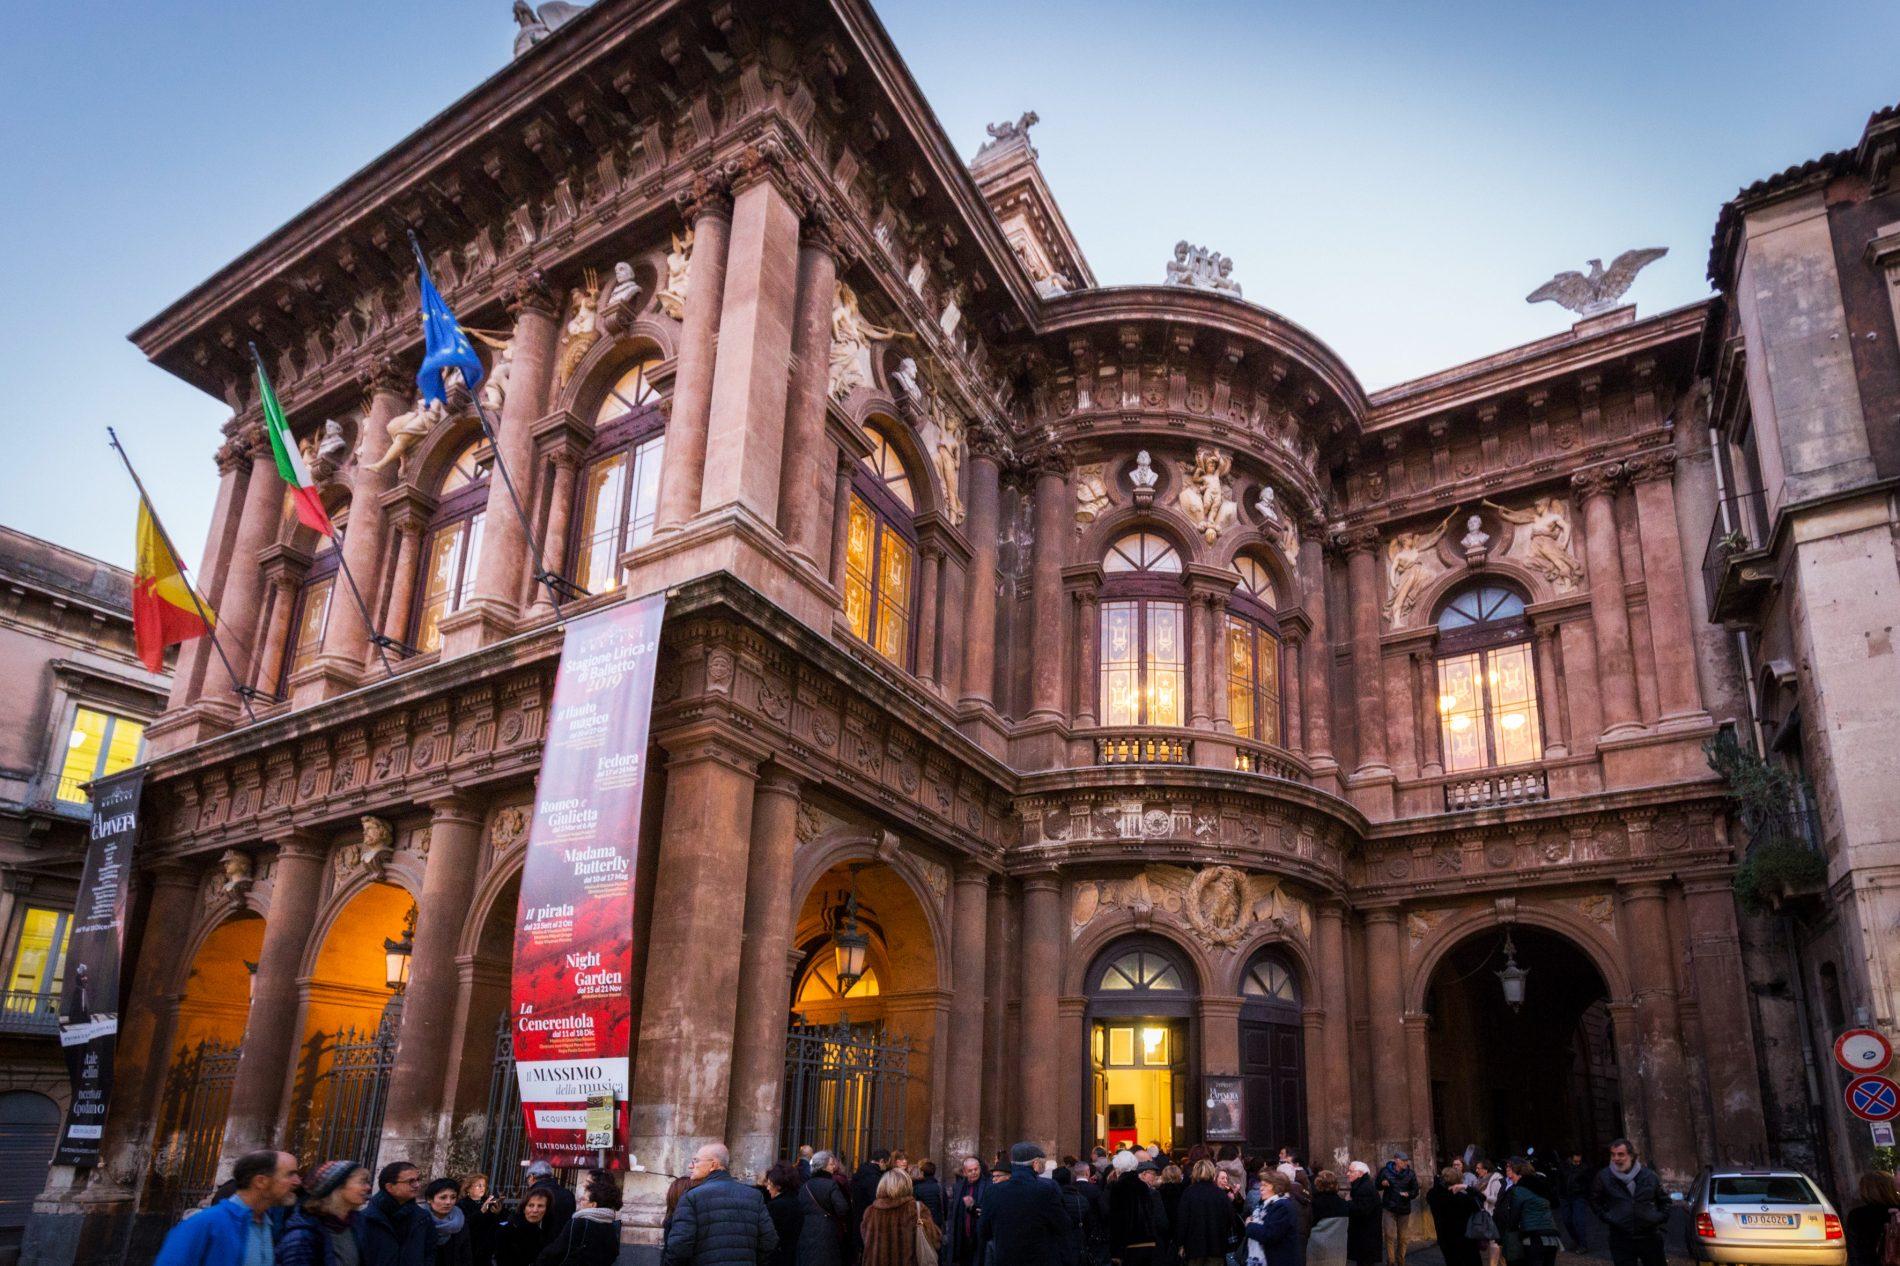 Primo evento inaugurale per i membri del CoEHAR ospiti ieri sera al Teatro Massimo Bellini di Catania